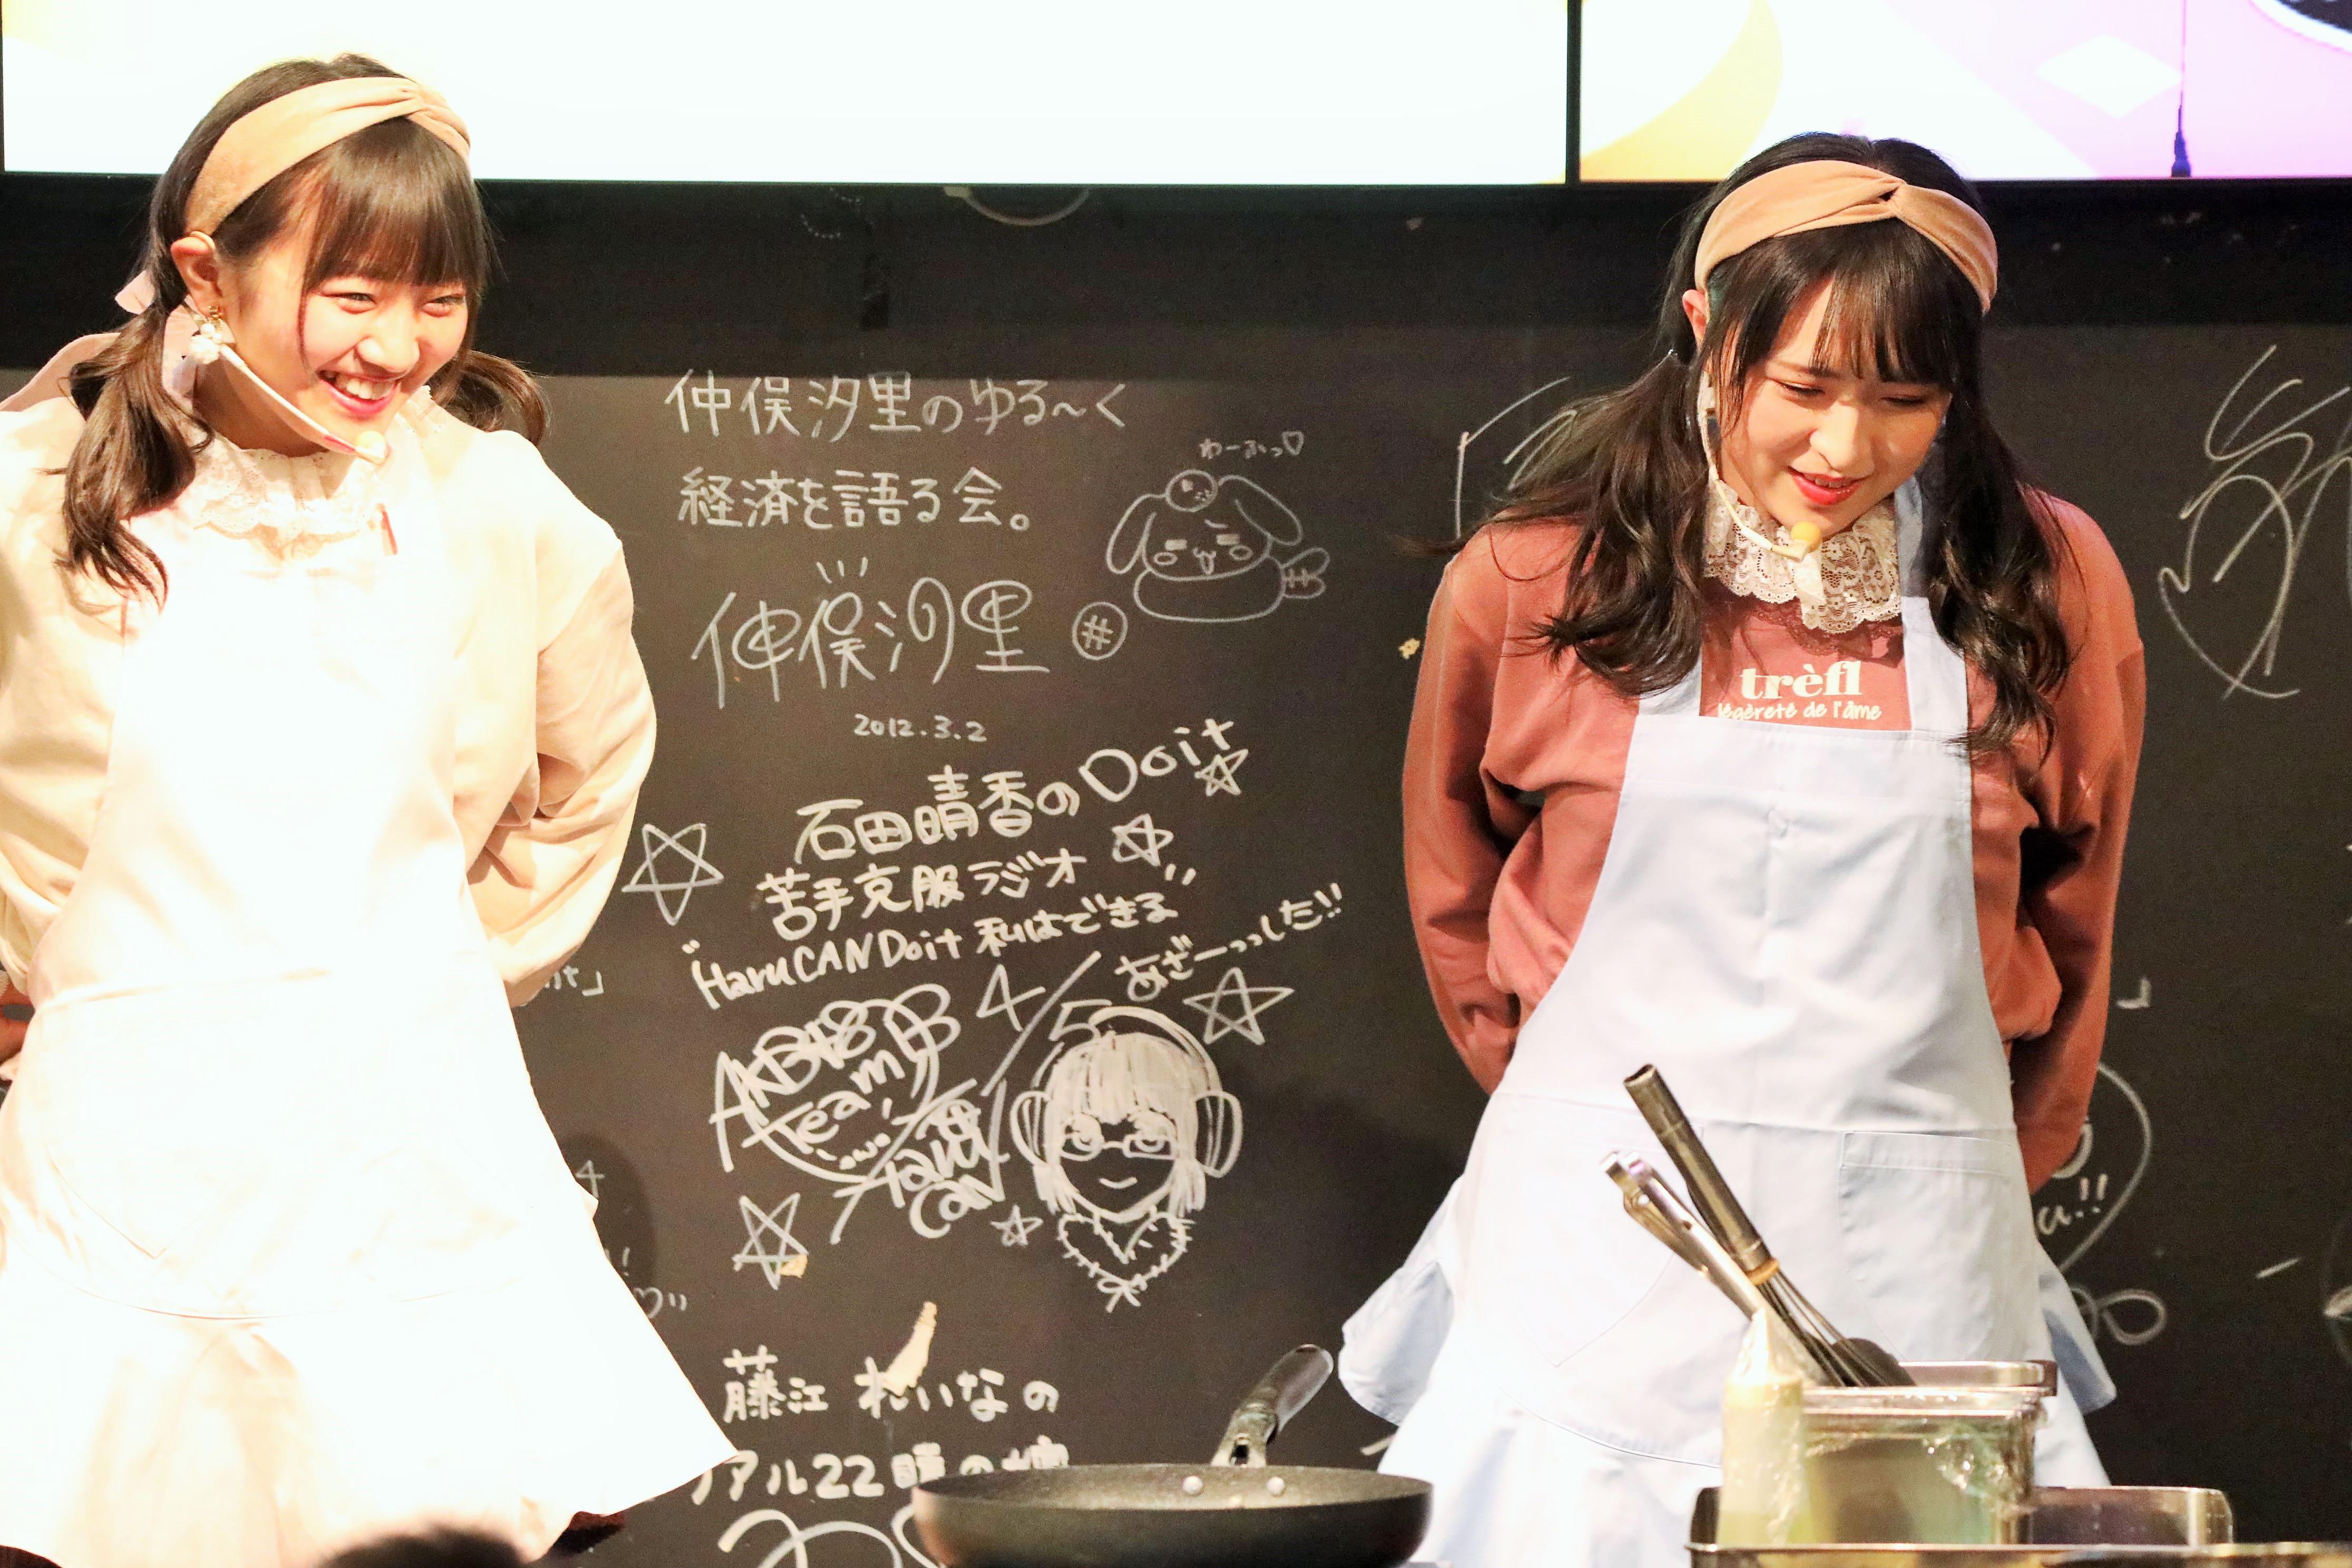 パンケーキ作りのためにエプロンを着用する川本と稲垣